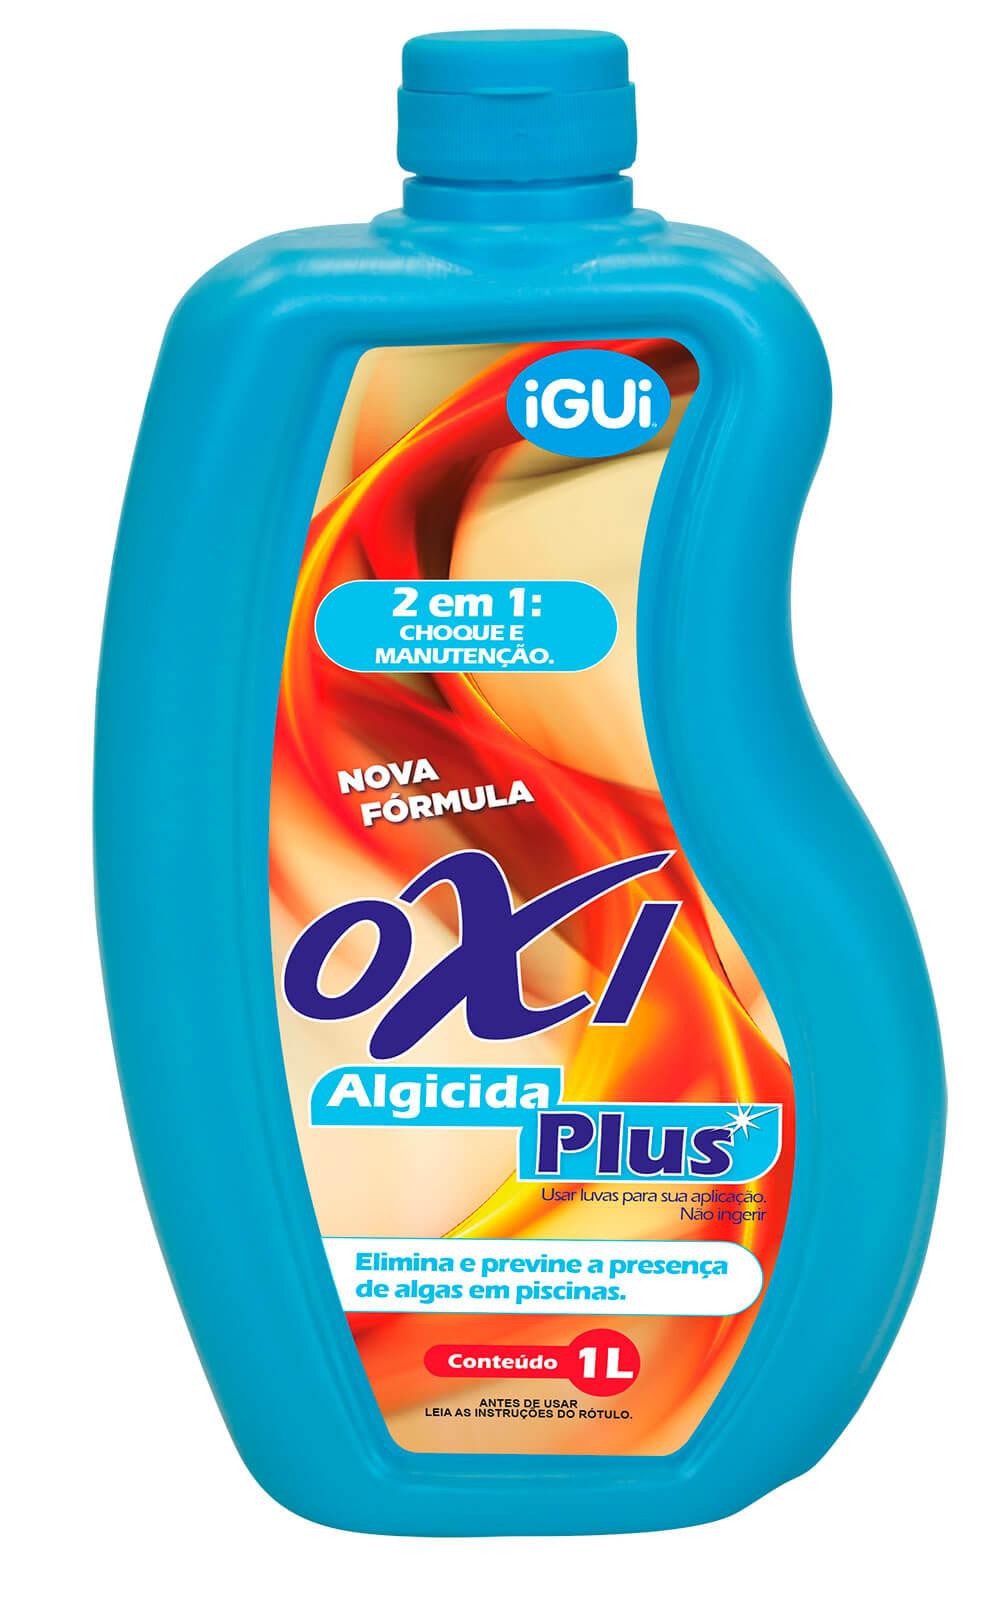 Oxi Algicida Plus